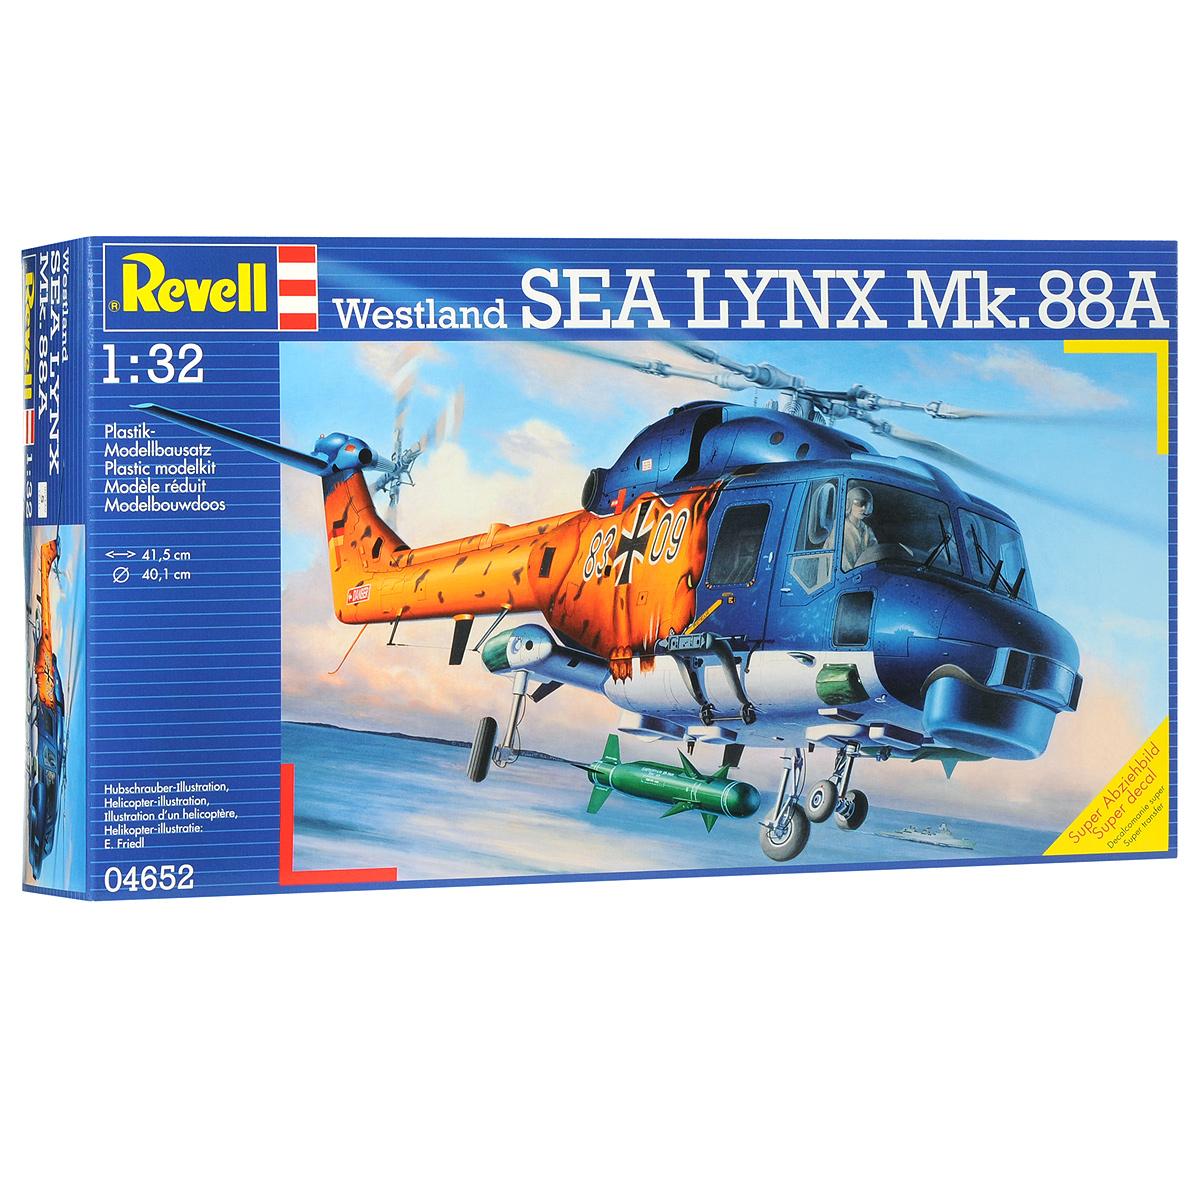 Сборная модель Revell Вертолет Westland SEA LYNX Mk.88A04652Сборная модель Revell Вертолет Westland SEA LYNX Mk.88A поможет вам и вашему ребенку придумать увлекательное занятие на долгое время. Набор включает в себя 265 пластиковых элементов, из которых можно собрать достоверную уменьшенную копию одноименного вертолета. Также в наборе схематичная инструкция по сборке. Разработанный в 1971 году вертолет состоит на вооружении ряда европейский, азиатских и ближневосточных стран. Активно применялся англичанами во время войны за Фолклендские острова. Вертолеты Westland Lynx потопили одно и повредили еще одно торговое судно Аргентины. Кроме того, эти вертолеты были использованы во время конфликтов в Ираке и Ливии. Процесс сборки развивает интеллектуальные и инструментальные способности, воображение и конструктивное мышление, а также прививает практические навыки работы со схемами и чертежами. Уровень сложности: 5. УВАЖАЕМЫЕ КЛИЕНТЫ! Обращаем ваше внимание на тот факт, что для сборки этой...